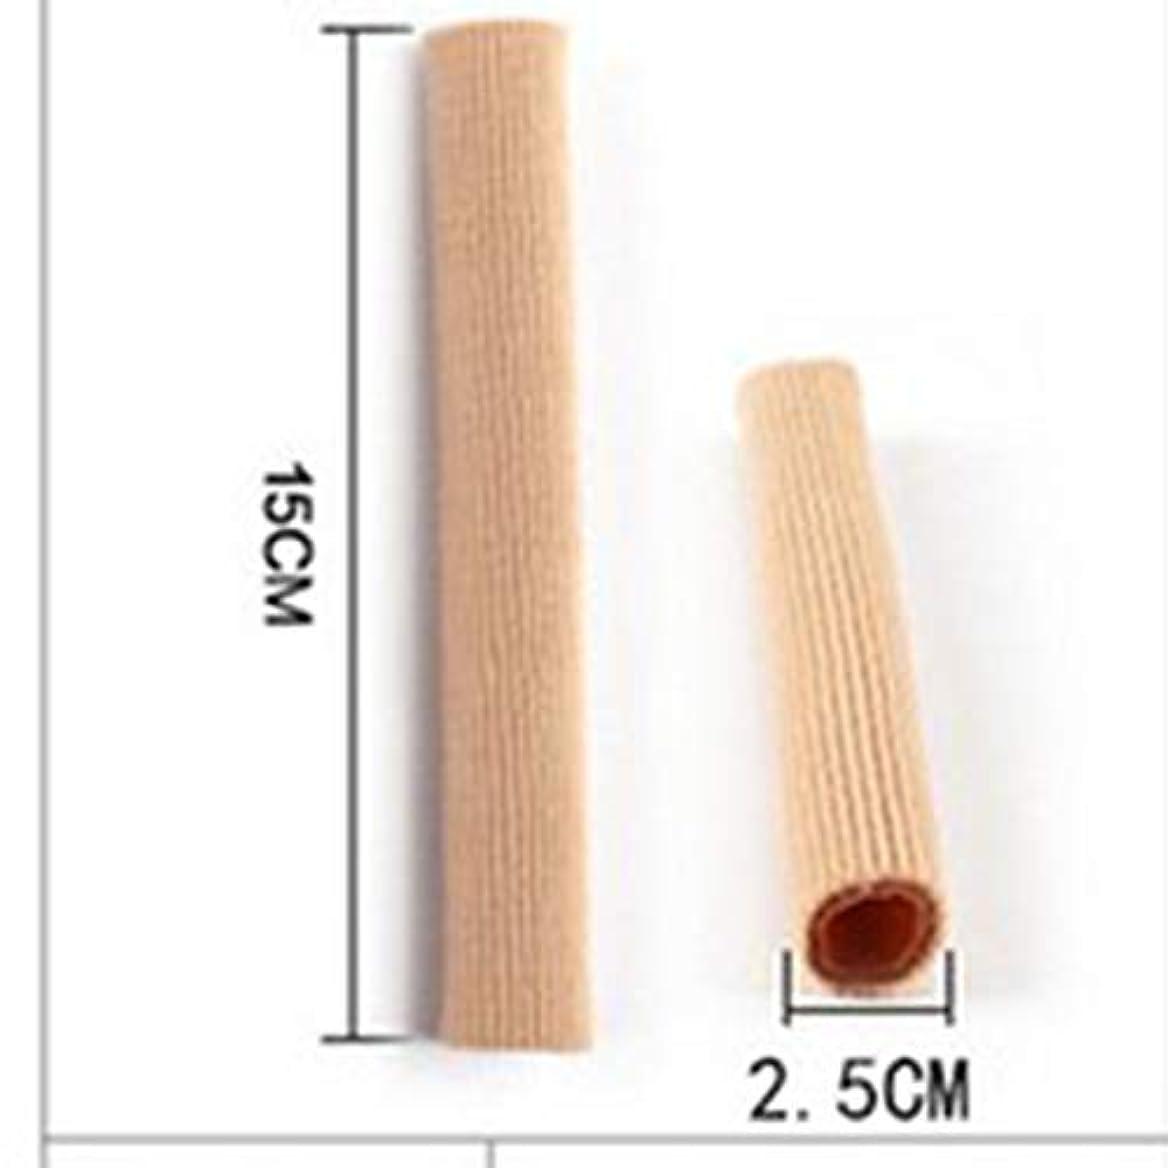 間接的政権立派なOpen Toe Tubes Gel Lined Fabric Sleeve Protectors To Prevent Corns, Calluses And Blisters While Softening And...